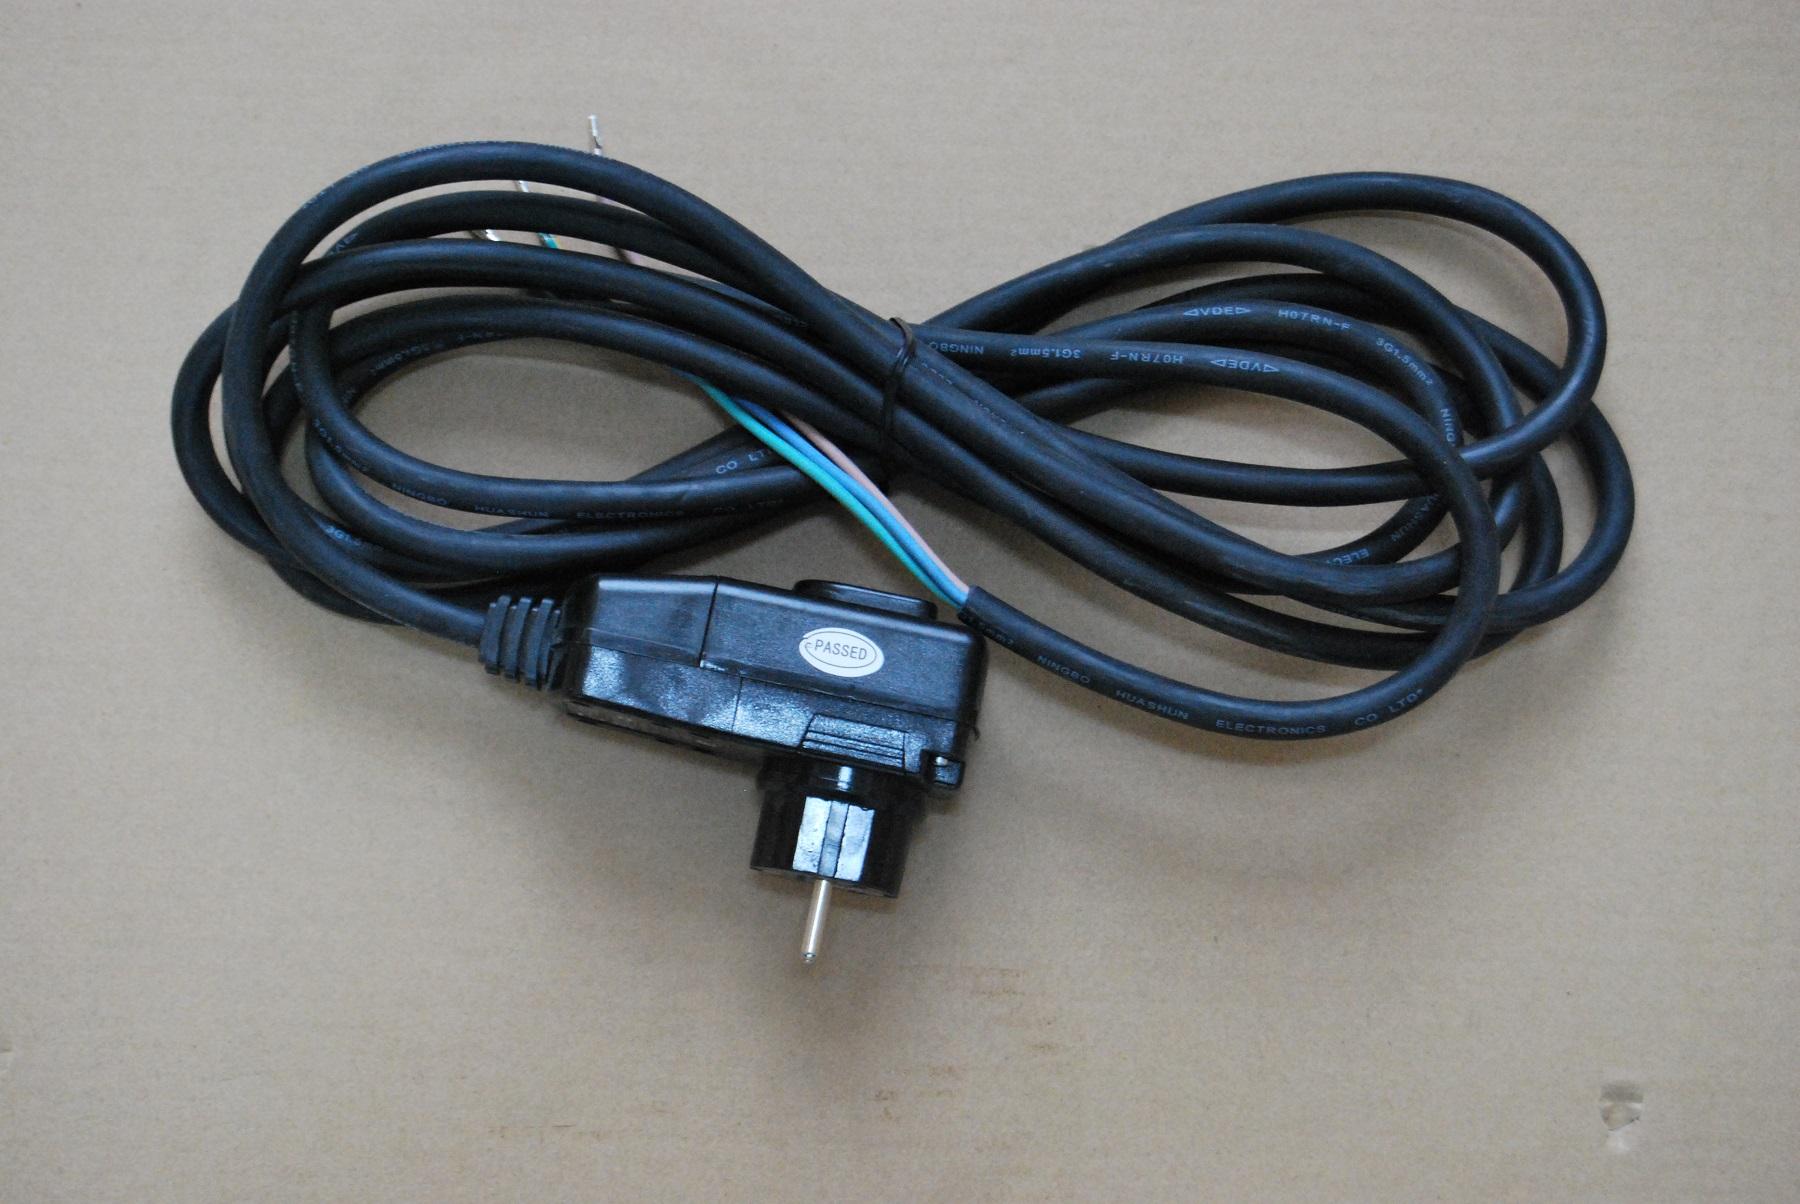 stecker f r plug play spas inkl 1 6 kabel fi schutzschalter canadianspa. Black Bedroom Furniture Sets. Home Design Ideas